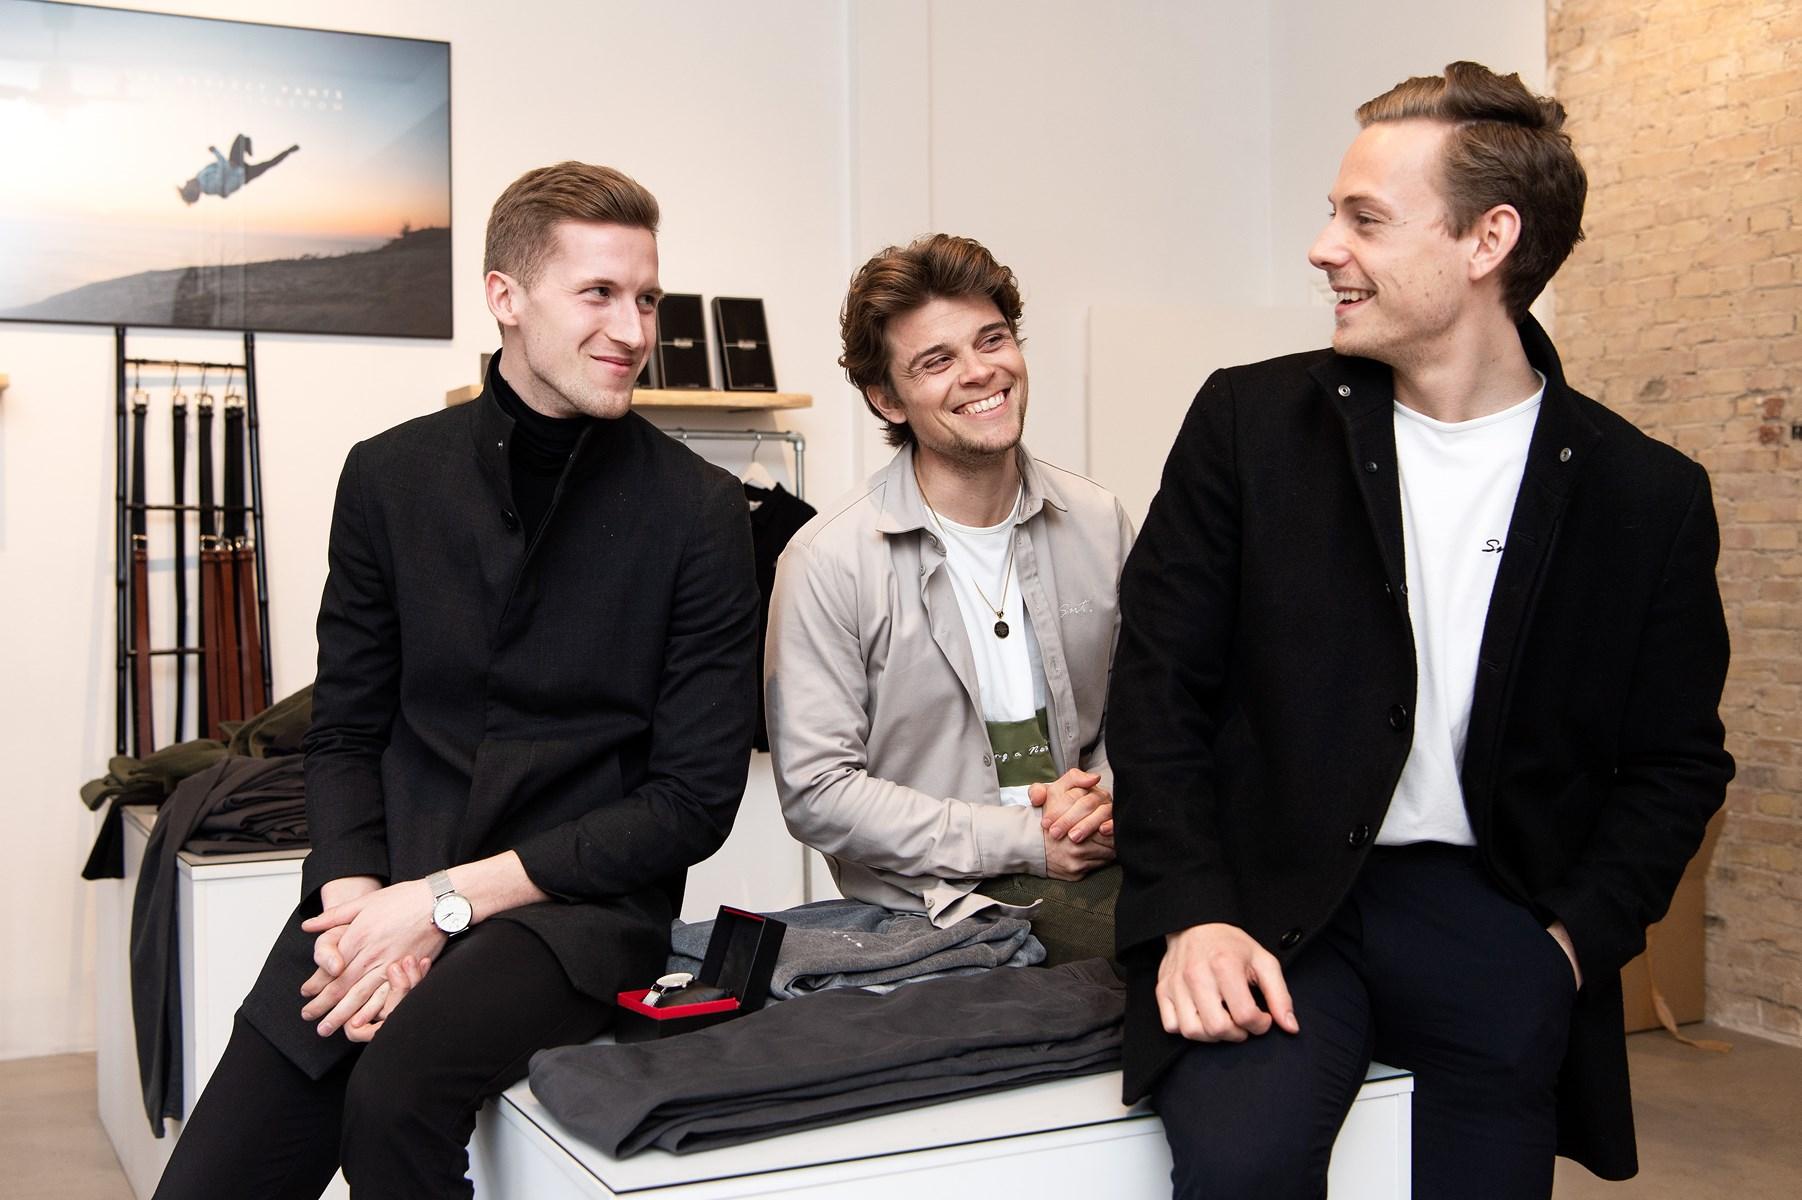 Kasper Ulrich, Christoffer Bak og Christian Aachmann mestrer kunsten både at være venner og forretningspartnere - årsagen er blandt andet, at de har en klar rollefordeling.